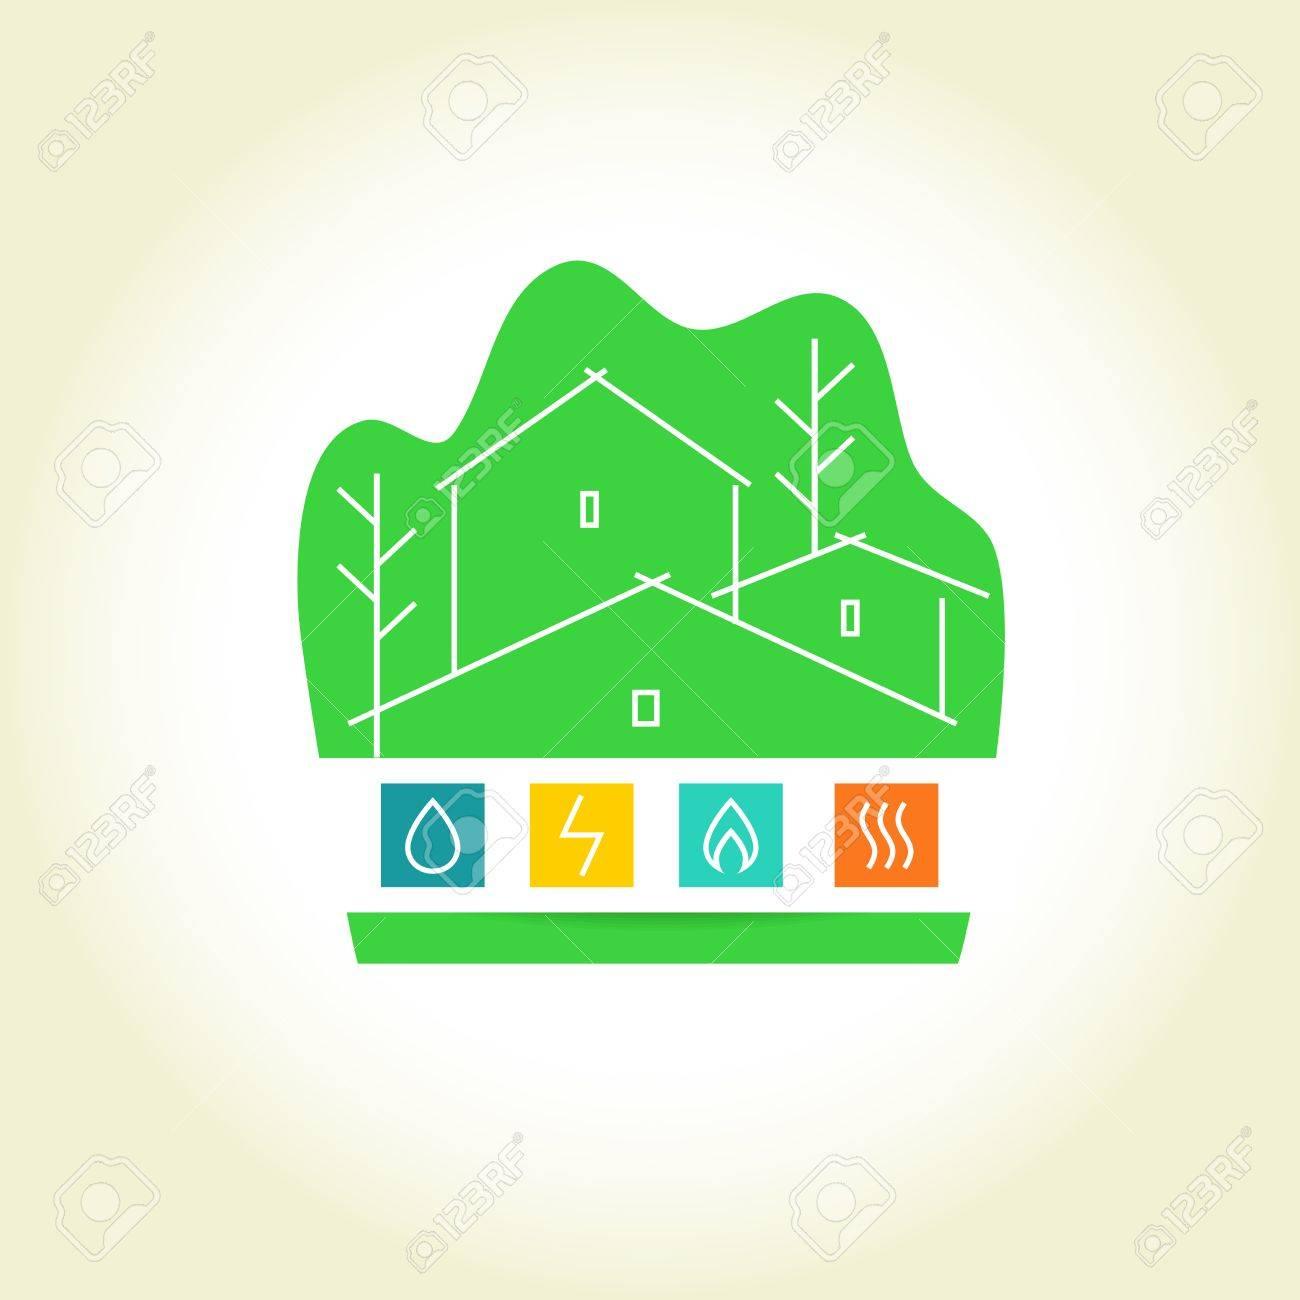 Eco Friendly Construction Template Vector Logo For A Construction Company Eco Friendly